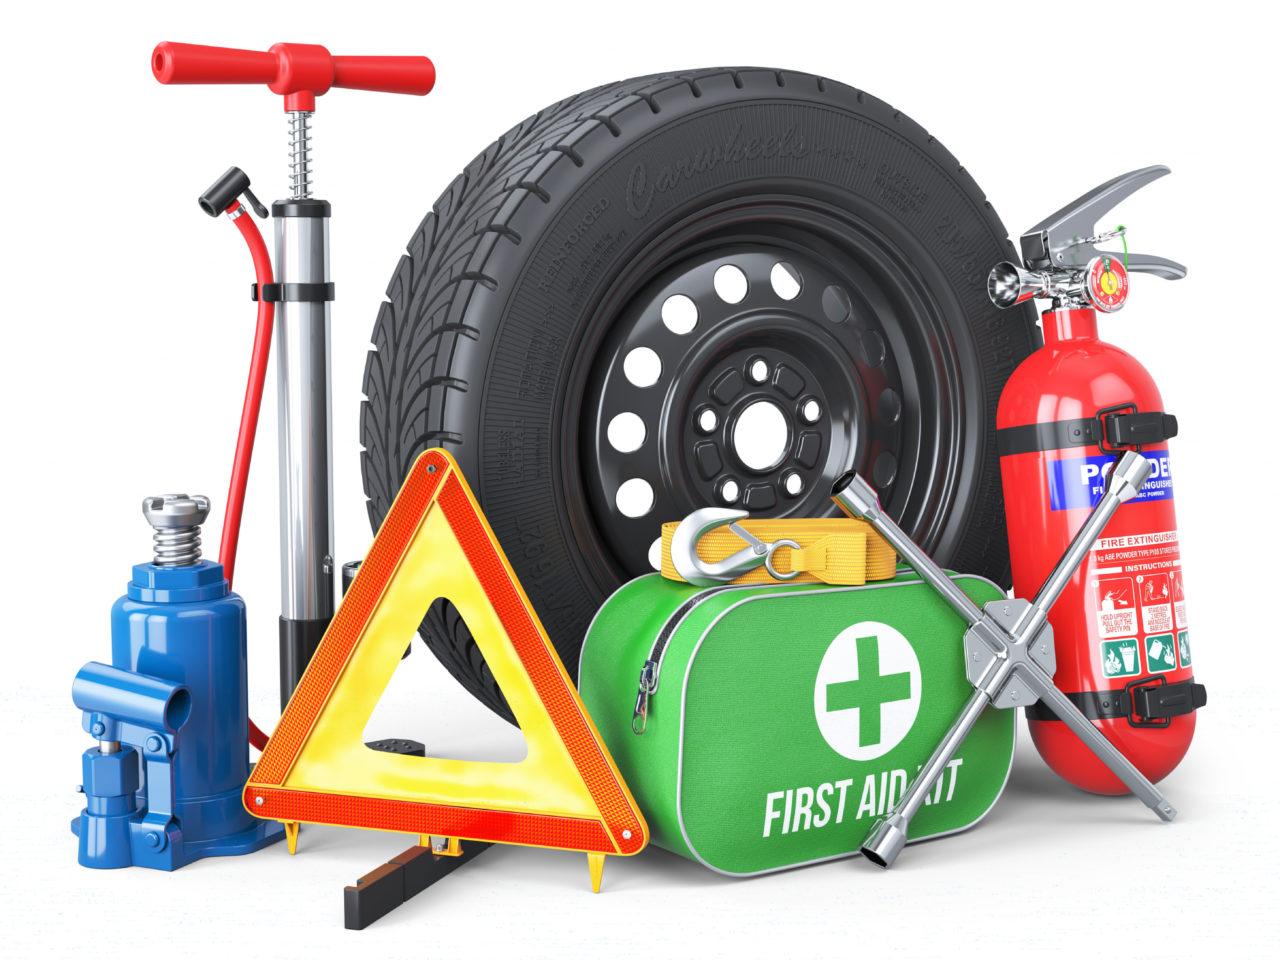 Los 10 elementos de seguridad que debes llevar siempre en tu vehículo